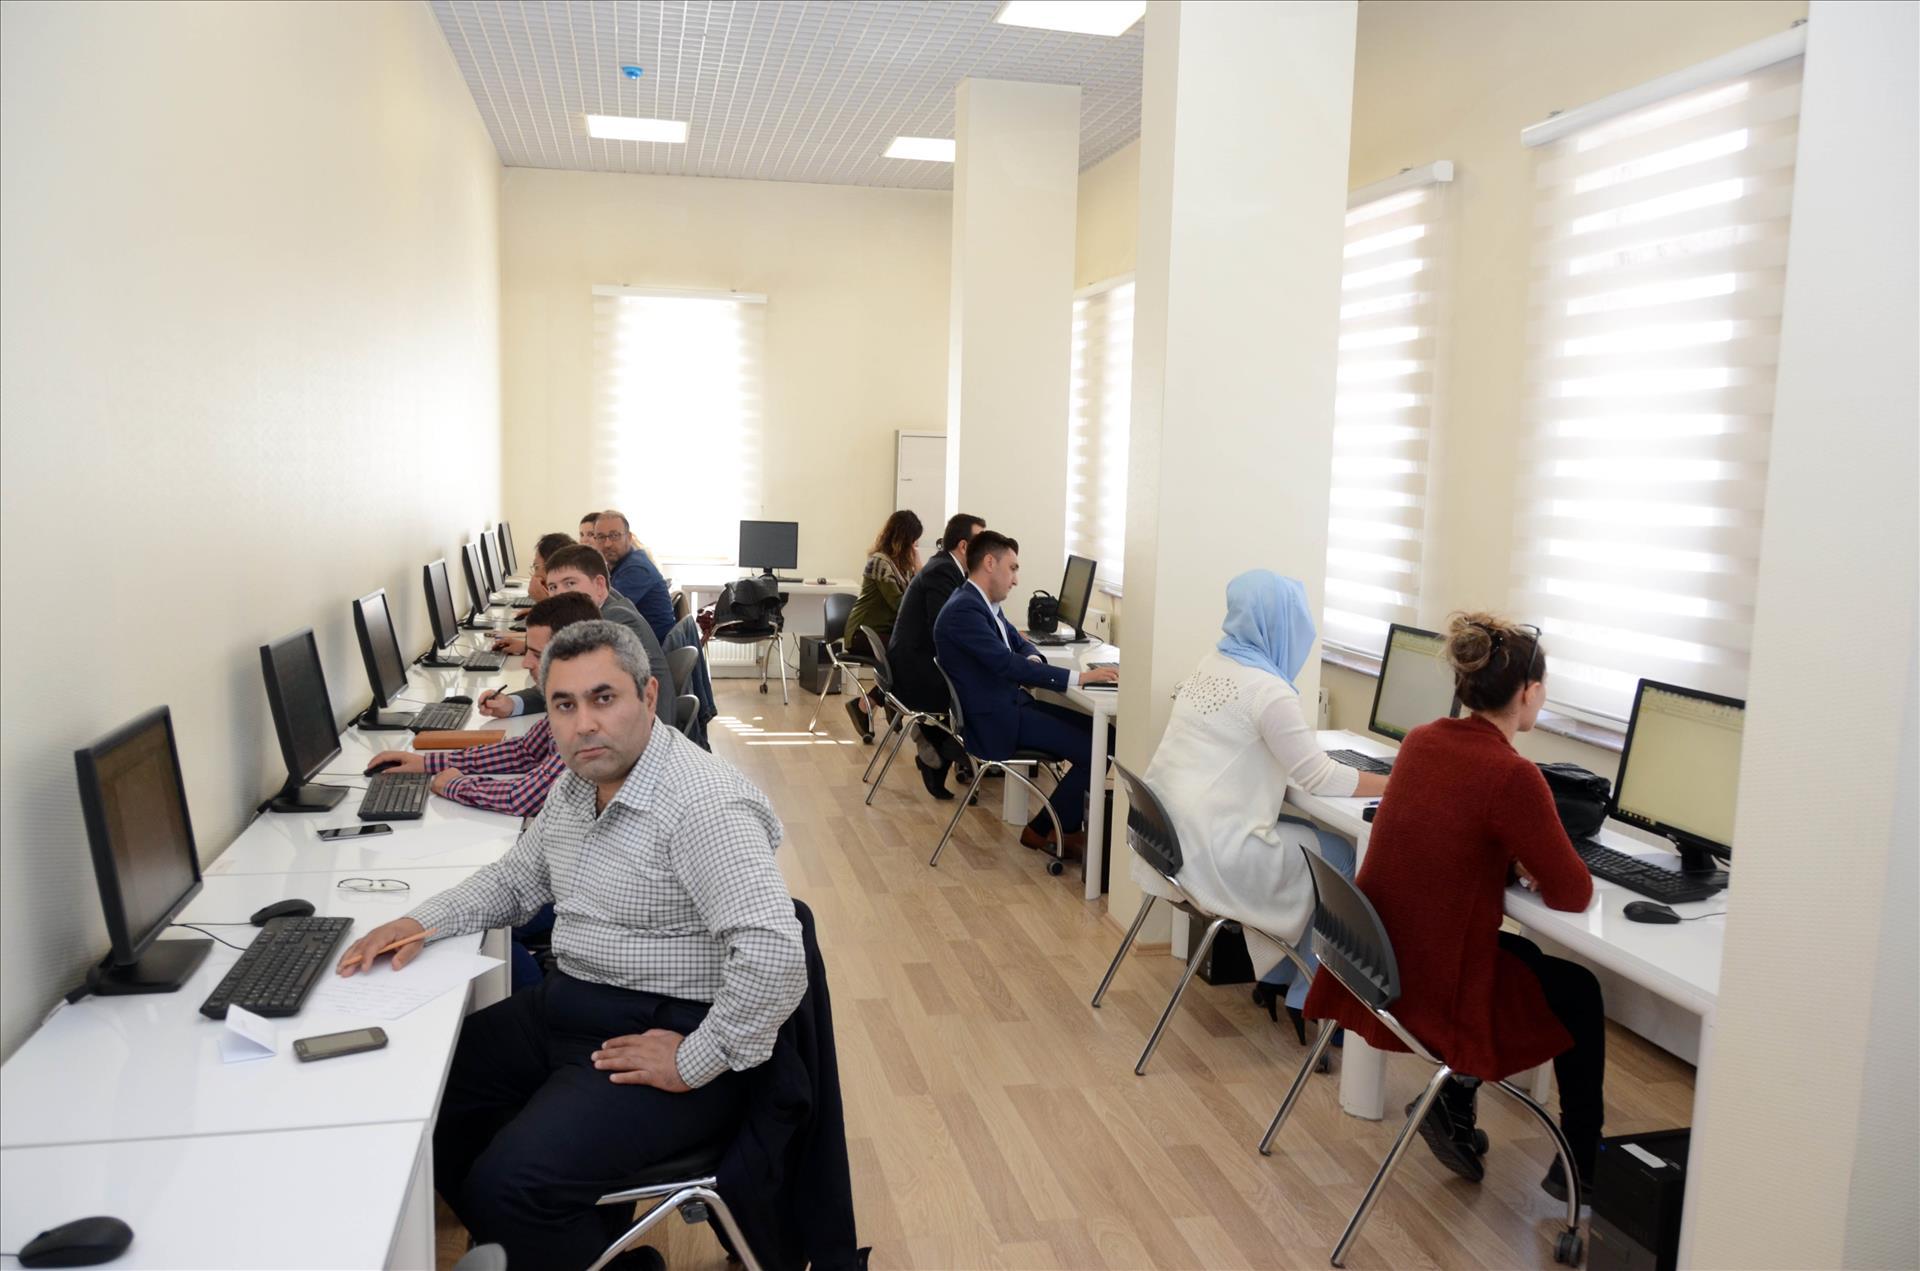 HİTİTSEM'den İdari Personelimize Bilgisayar Eğitimi